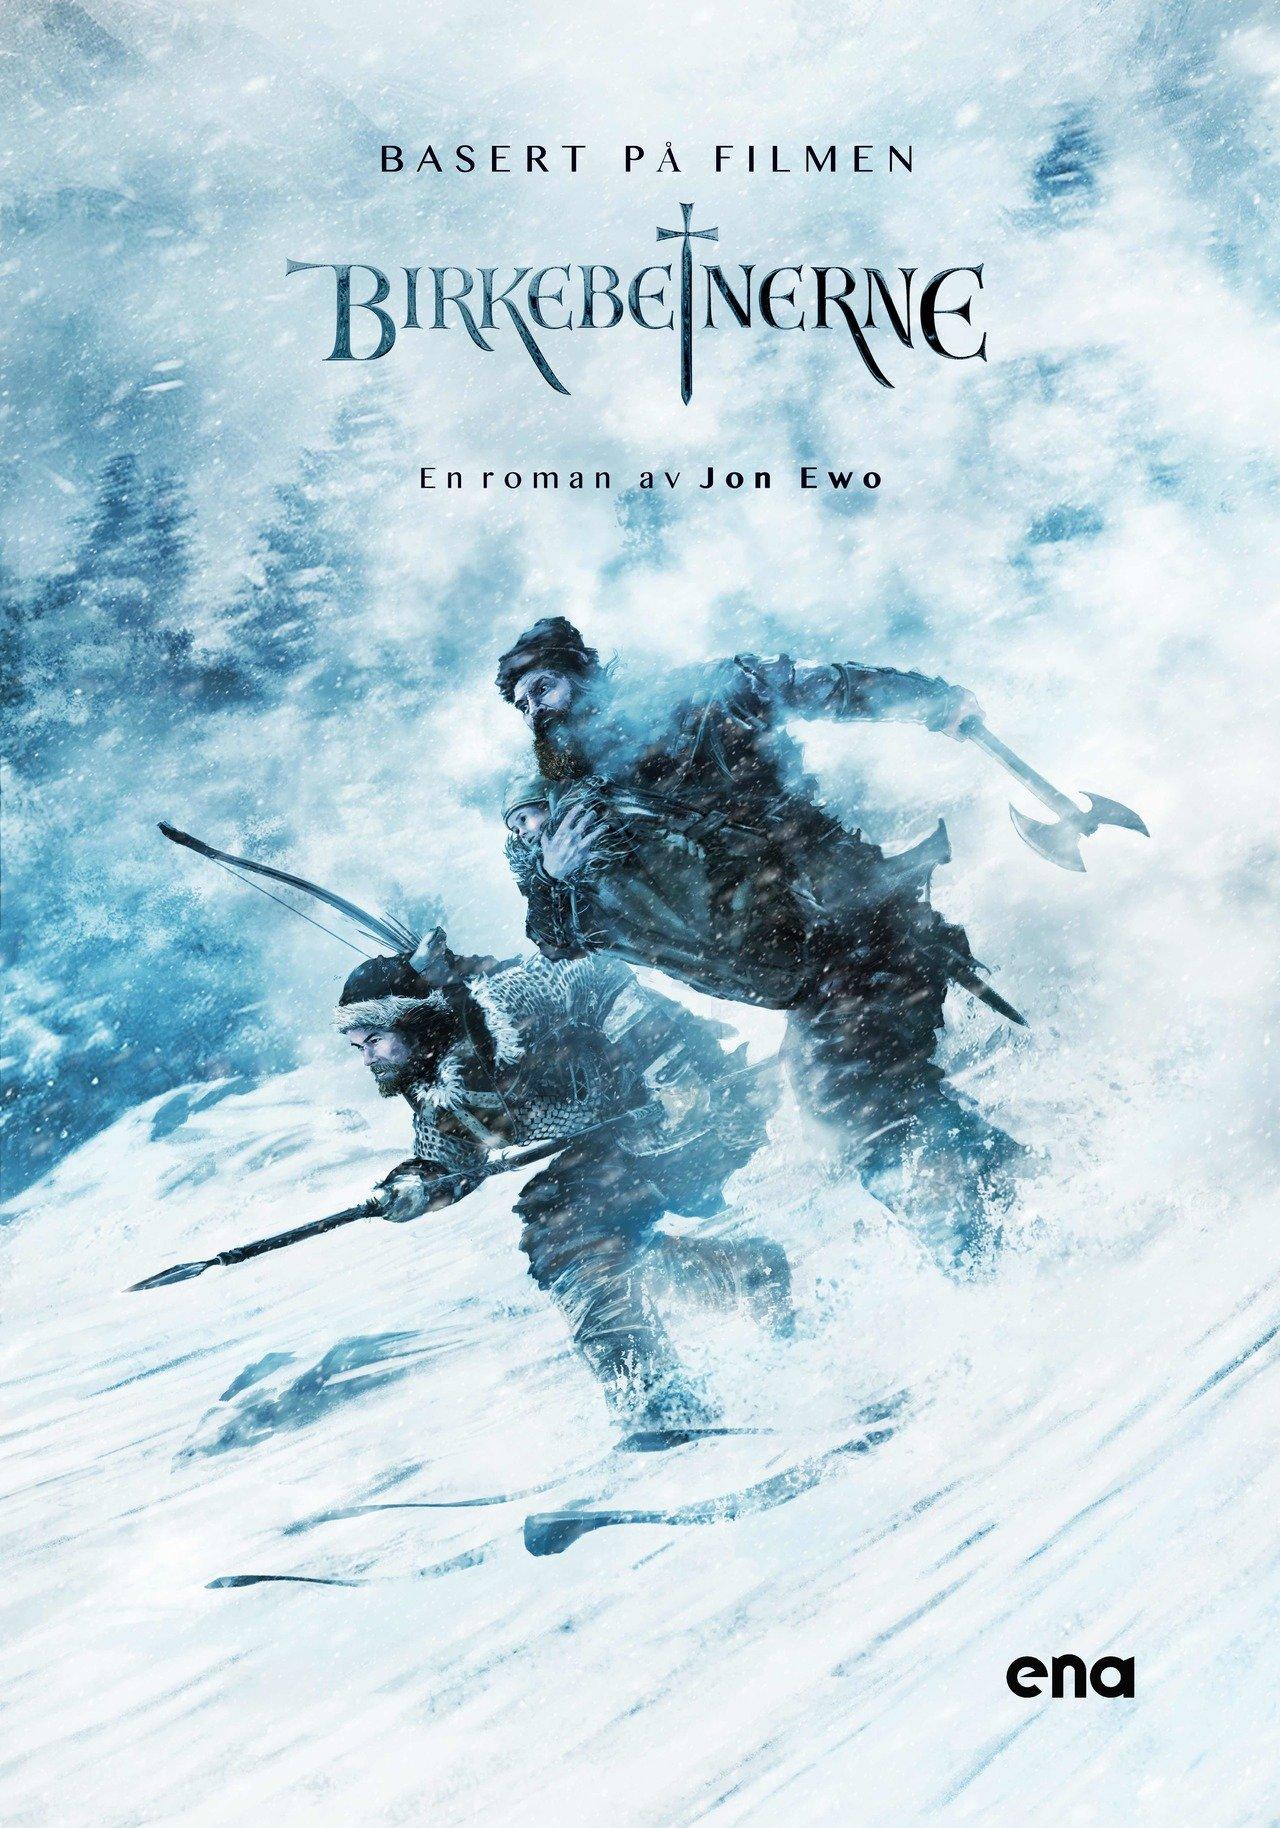 Birkebeinerne y los orígenes del esquí de montaña